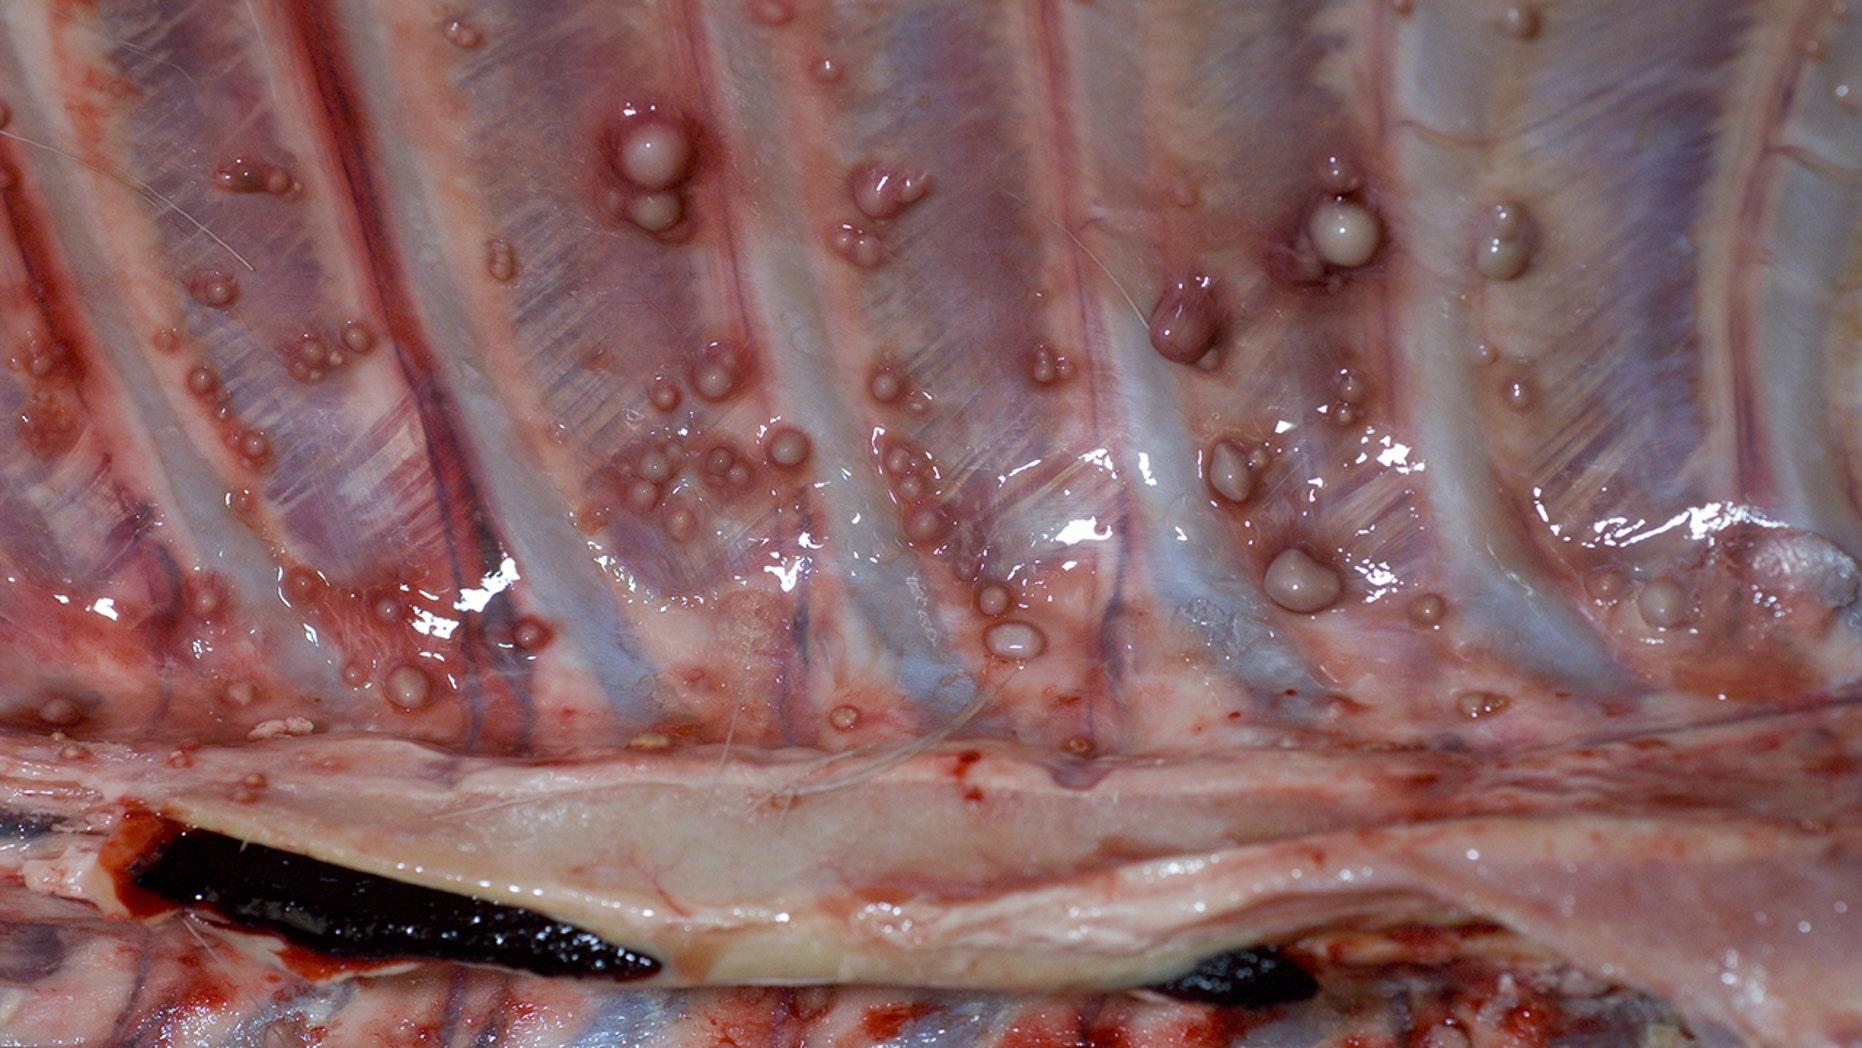 Don't eat deer that looks like this, bovine tuberculosis in MI deer